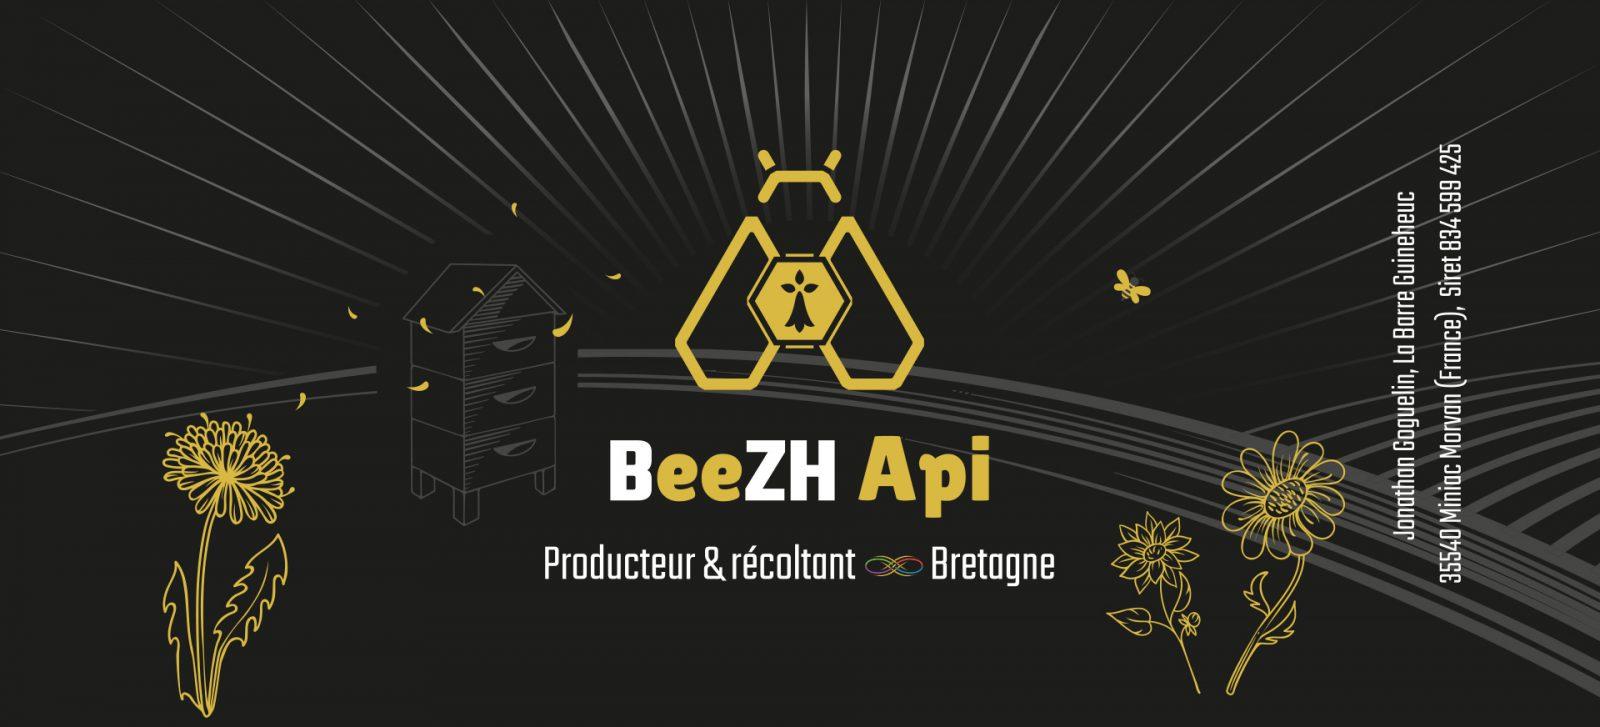 Etiquette pot de miel Beezh Api